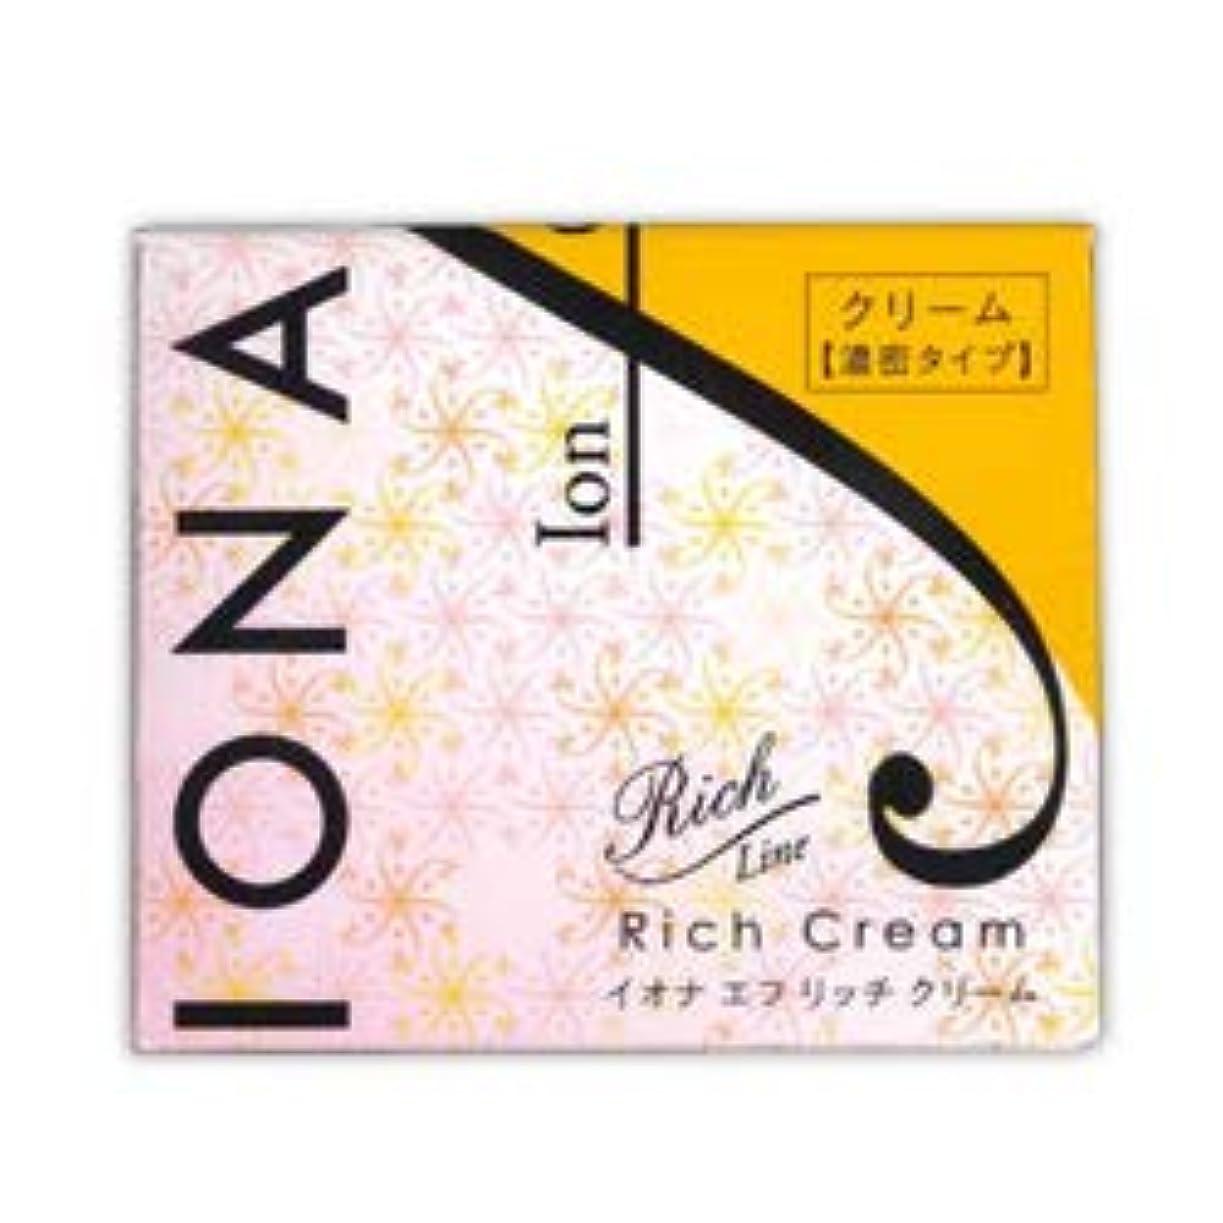 提出する調子血【イオナ】イオナ エフ リッチクリーム (濃密タイプ) 40g ×4個セット